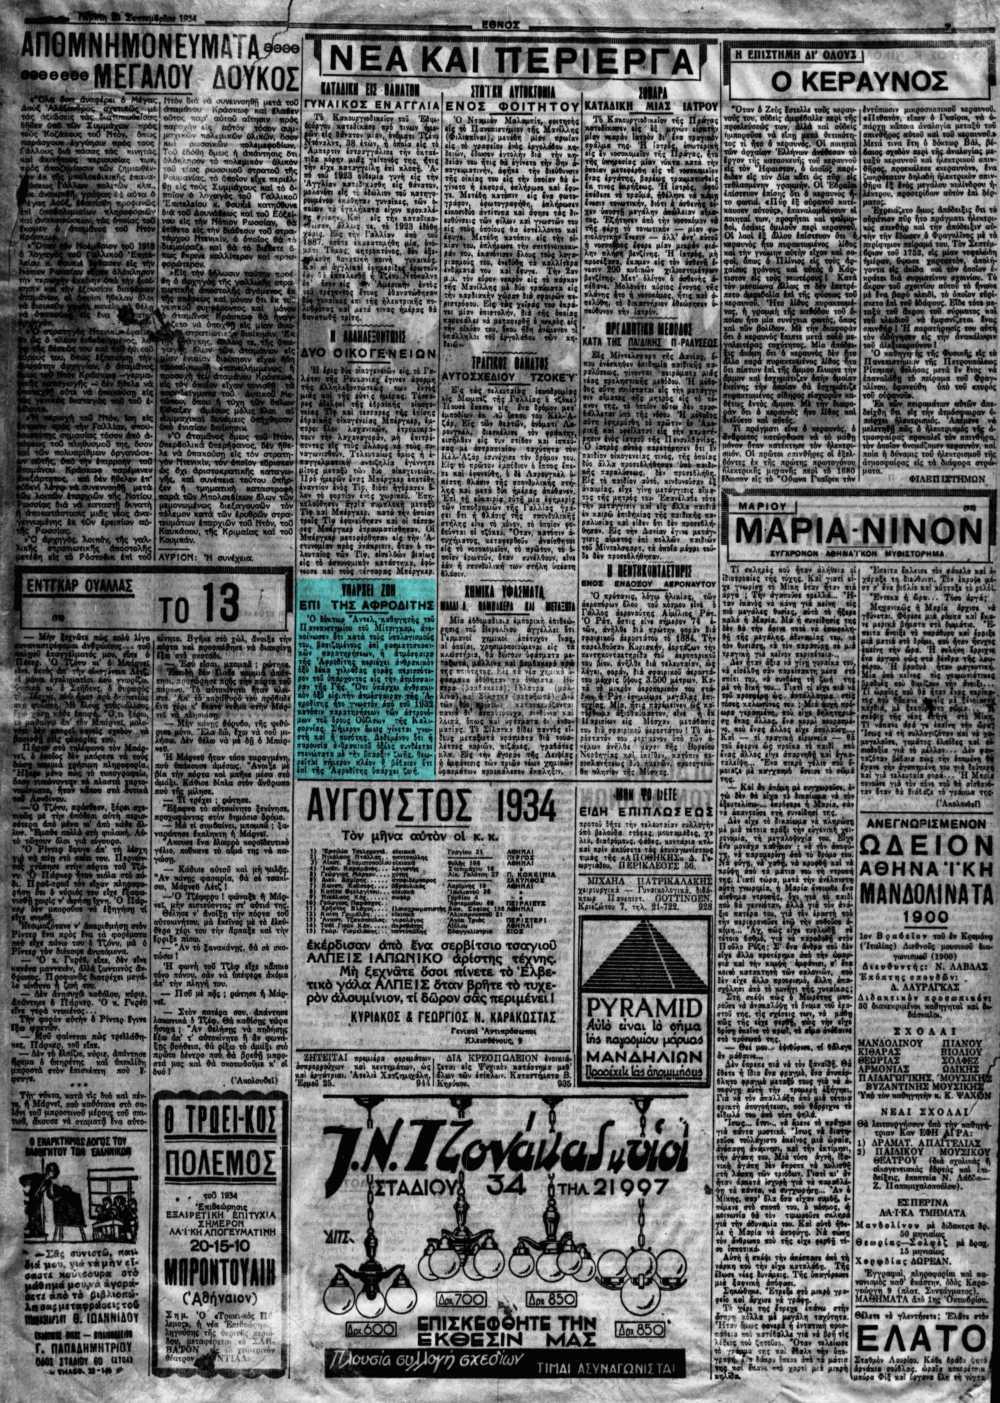 """Το άρθρο, όπως δημοσιεύθηκε στην εφημερίδα """"ΕΘΝΟΣ"""", στις 20/09/1934"""